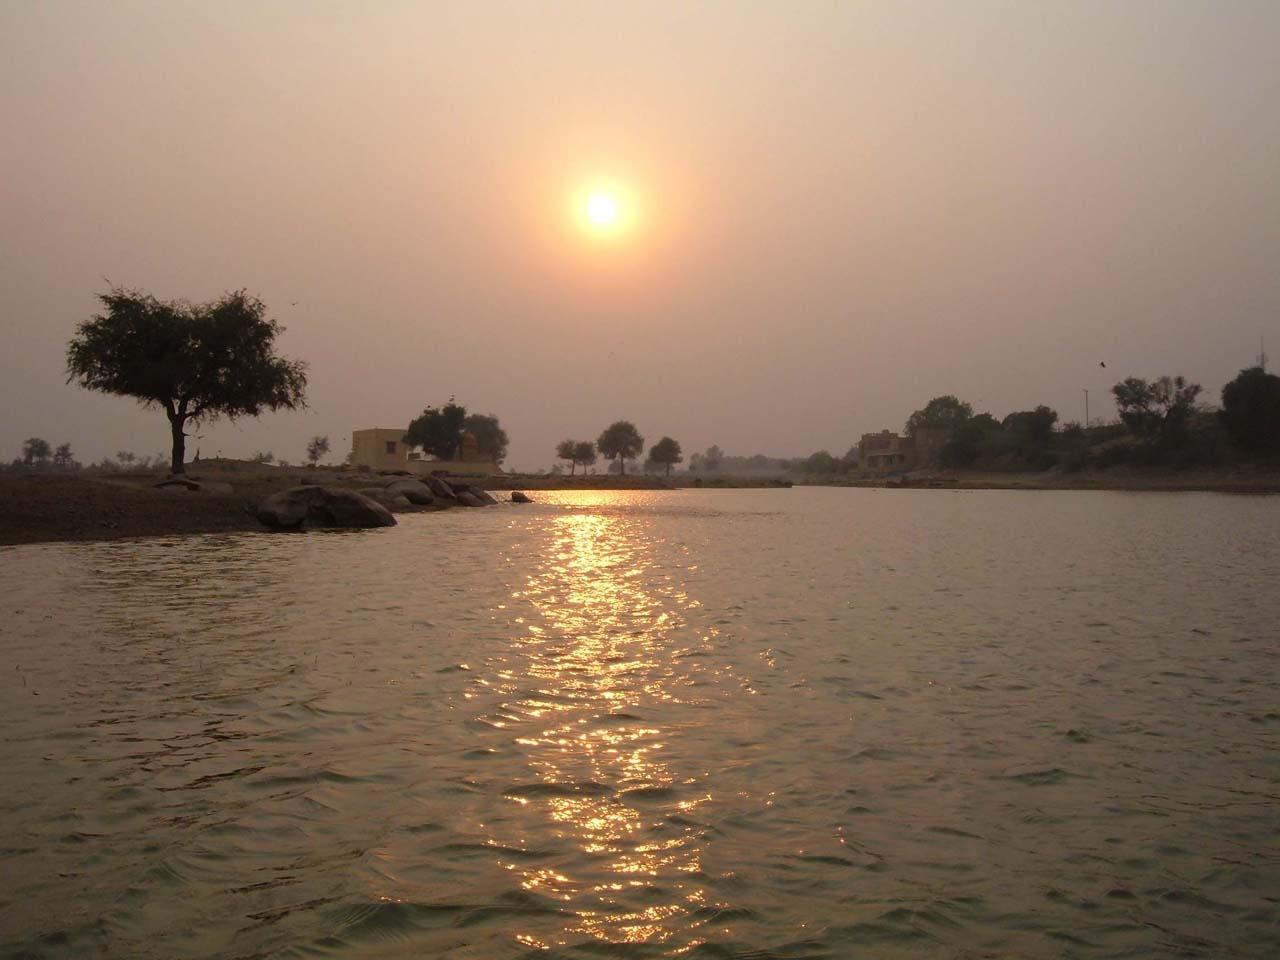 Sunset Gadisar Lake - Jaisalmer's places to visit